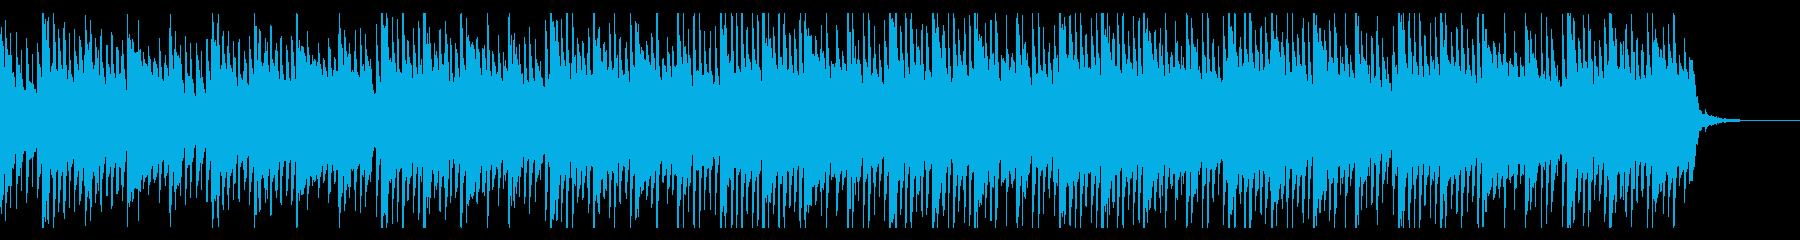 ドキュメンタリー(ドラムなし)の再生済みの波形